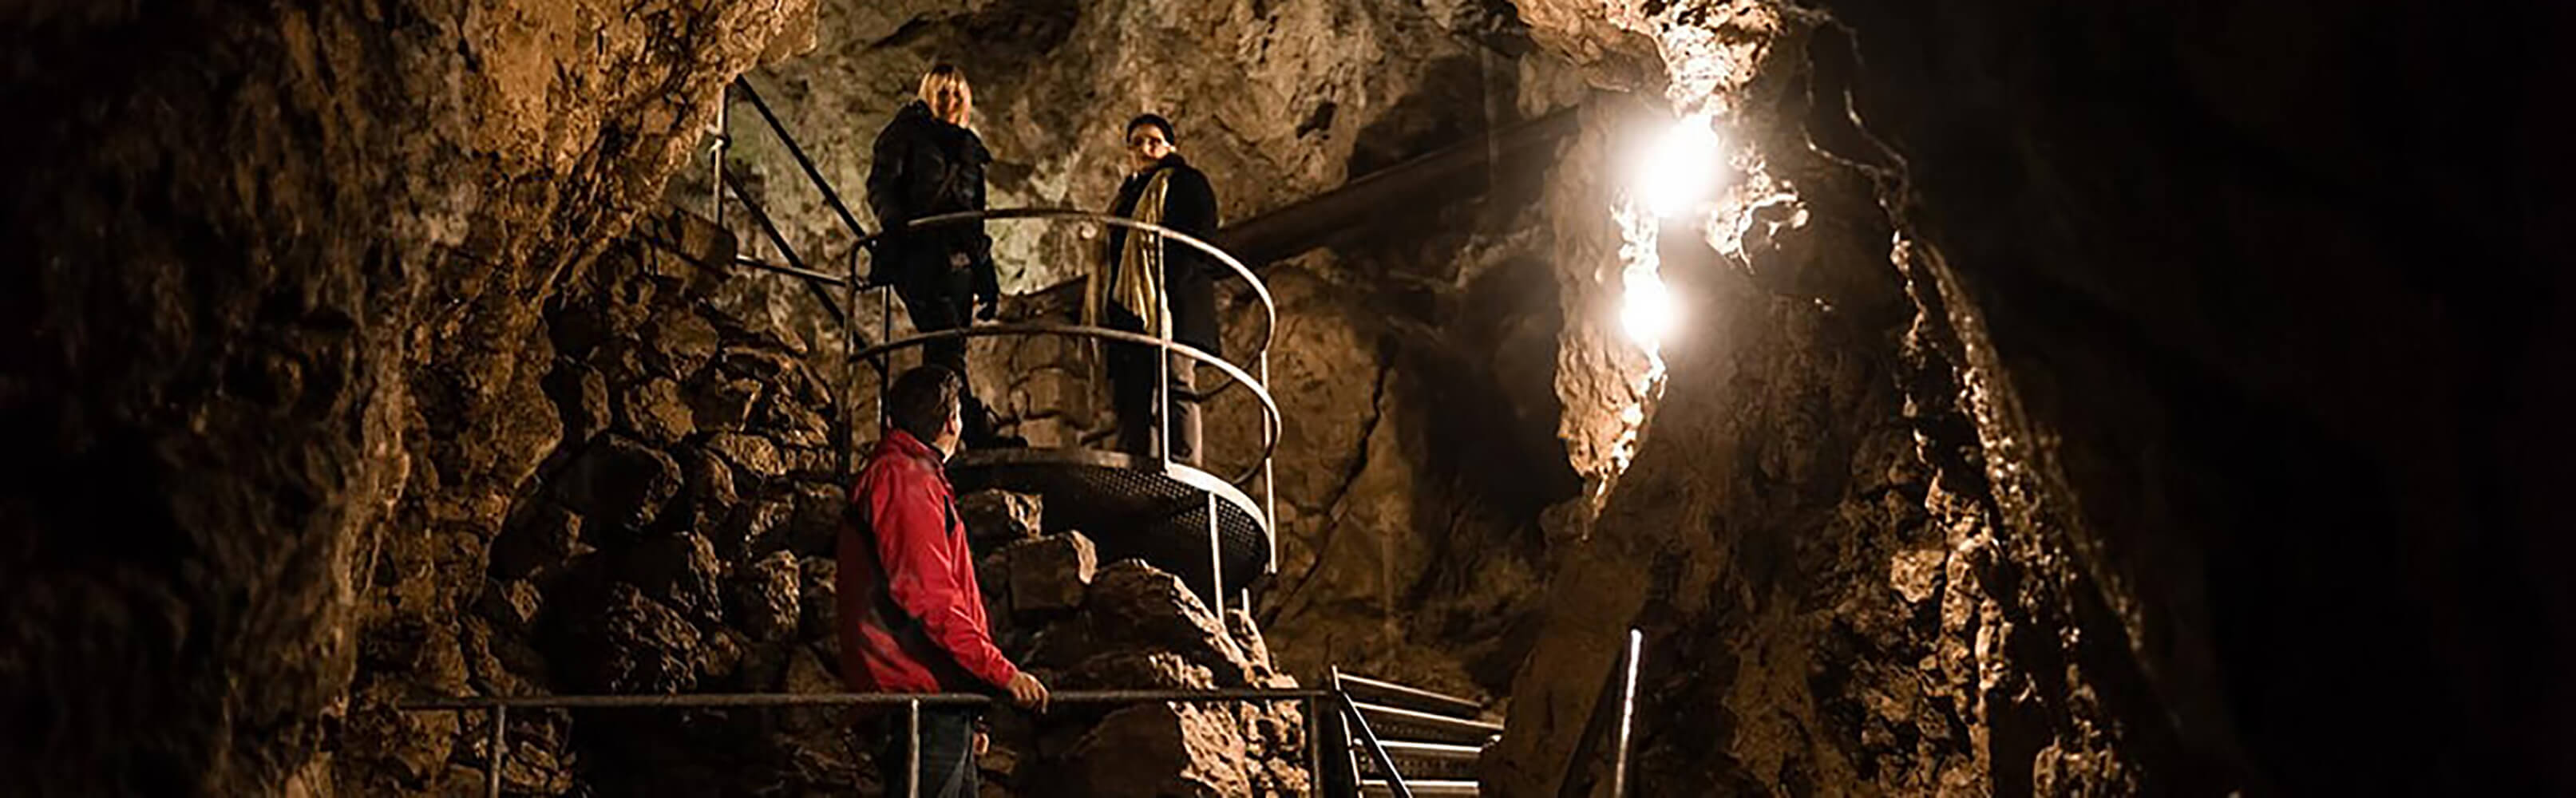 Moulins souterrains du Col-des-Roches Le Locle 1